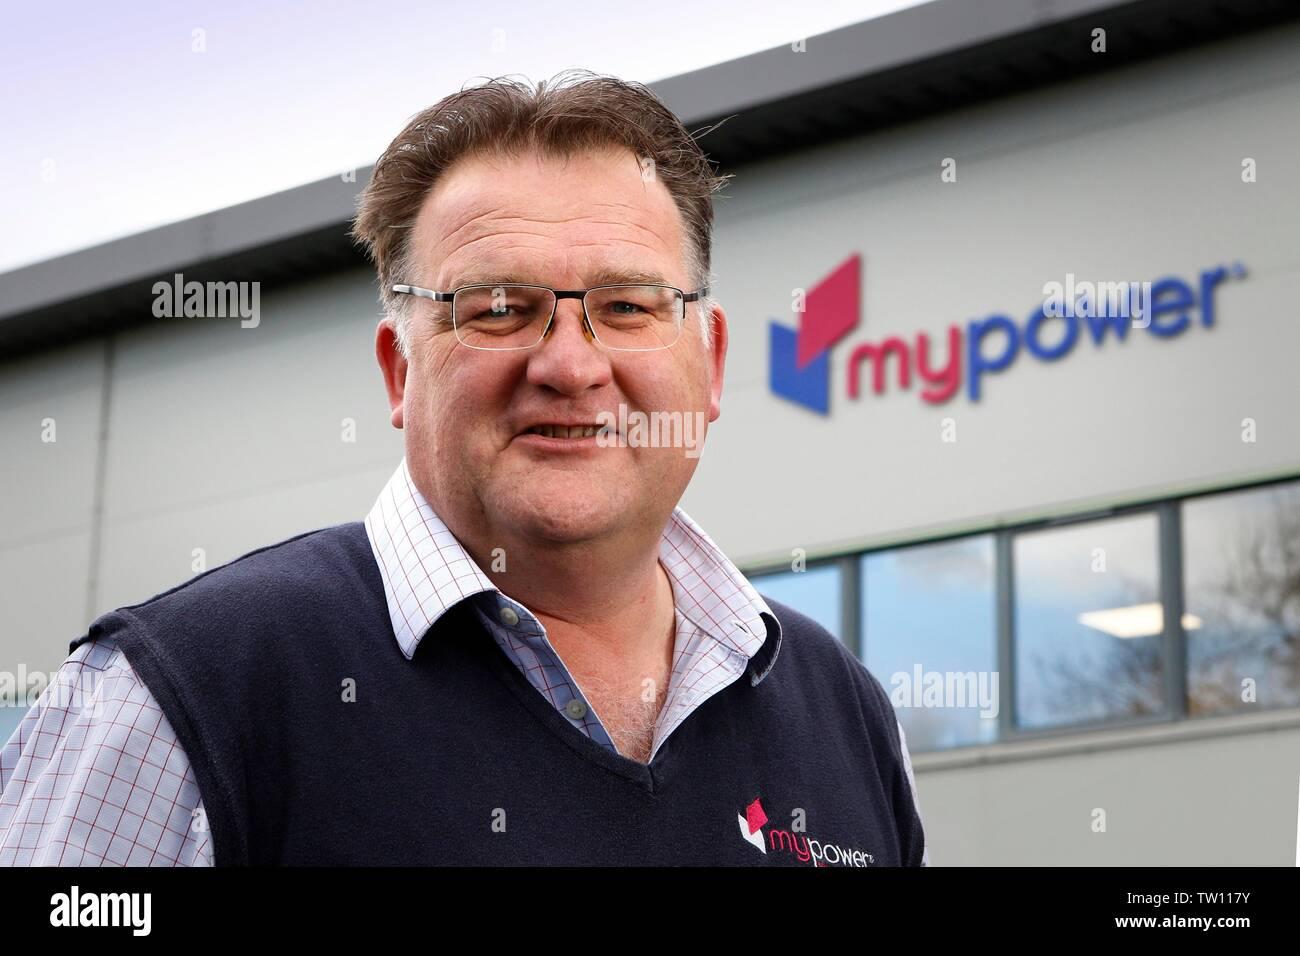 Ben Harrison, socio gerente de mypower, la instalación de paneles solares, la compañía con sede en Toddington, Gloucestershire, Inglaterra, Reino Unido. Imagen De Stock